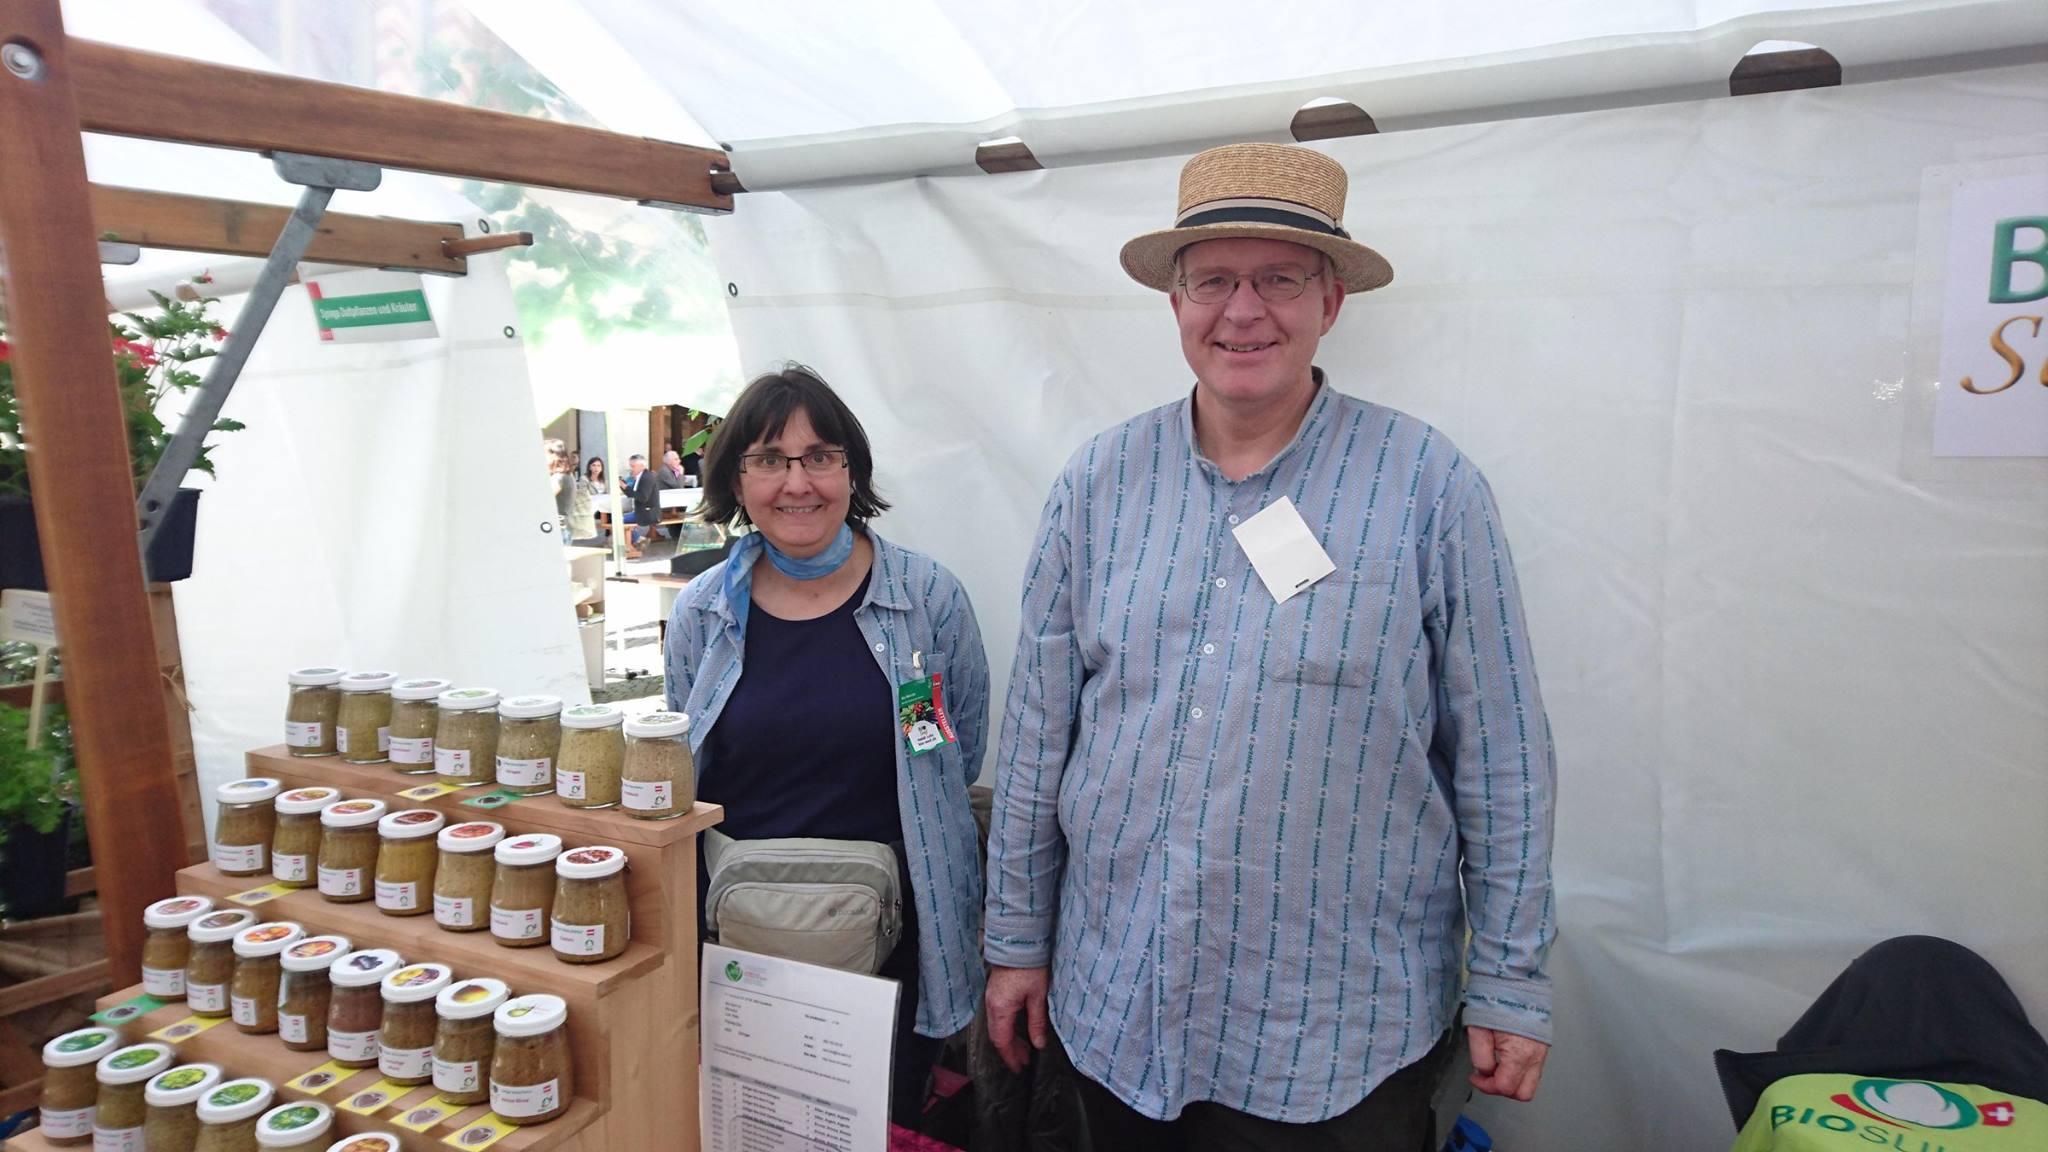 Reto Lutz et son épouse au marché bio de Zofingue (2016)